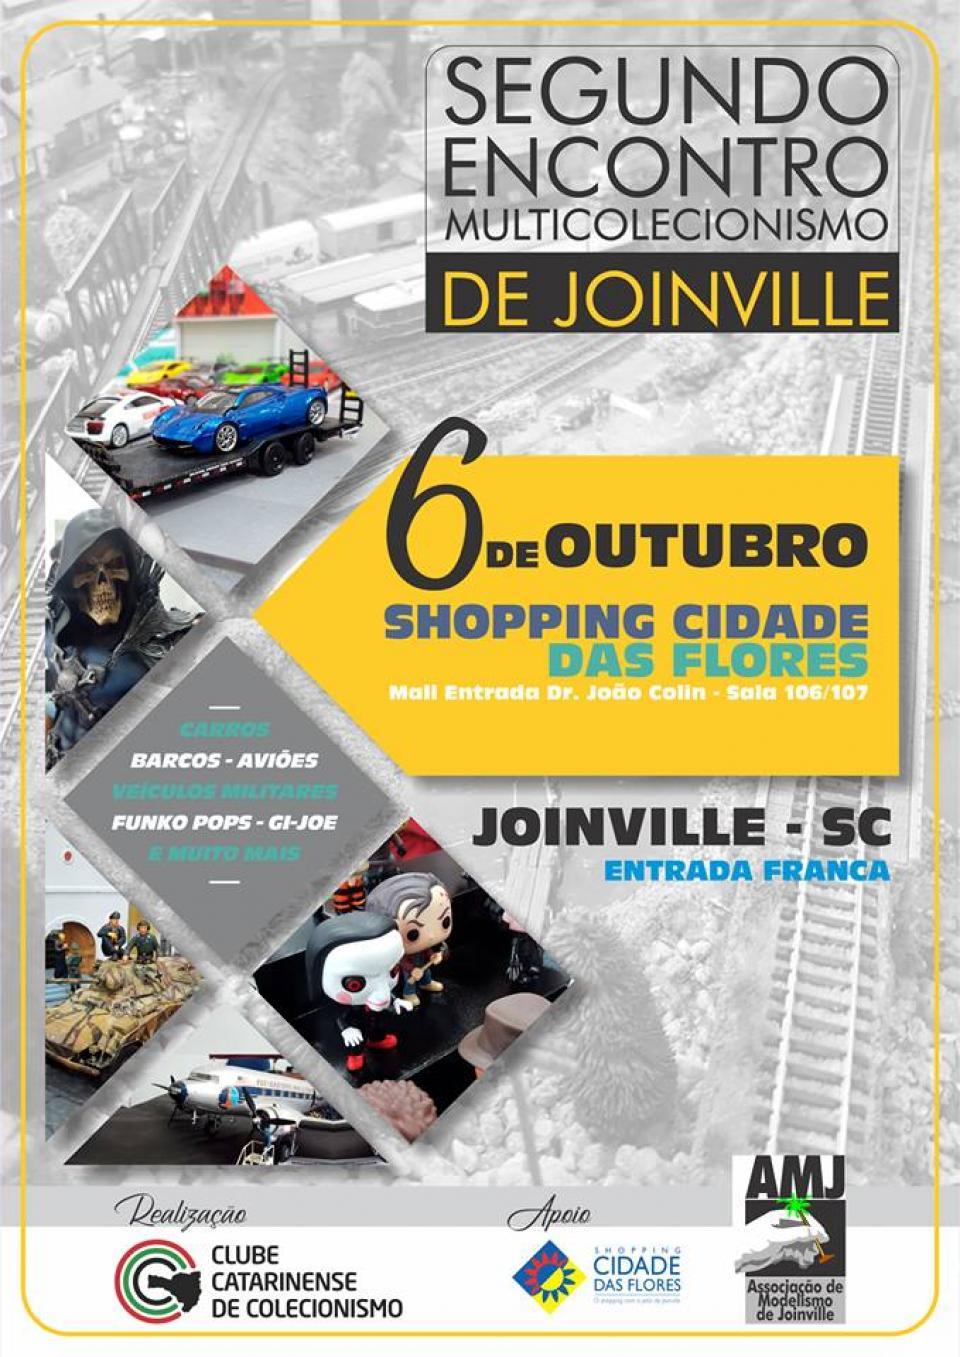 2º Encontro de Multicolecionismo de Joinville